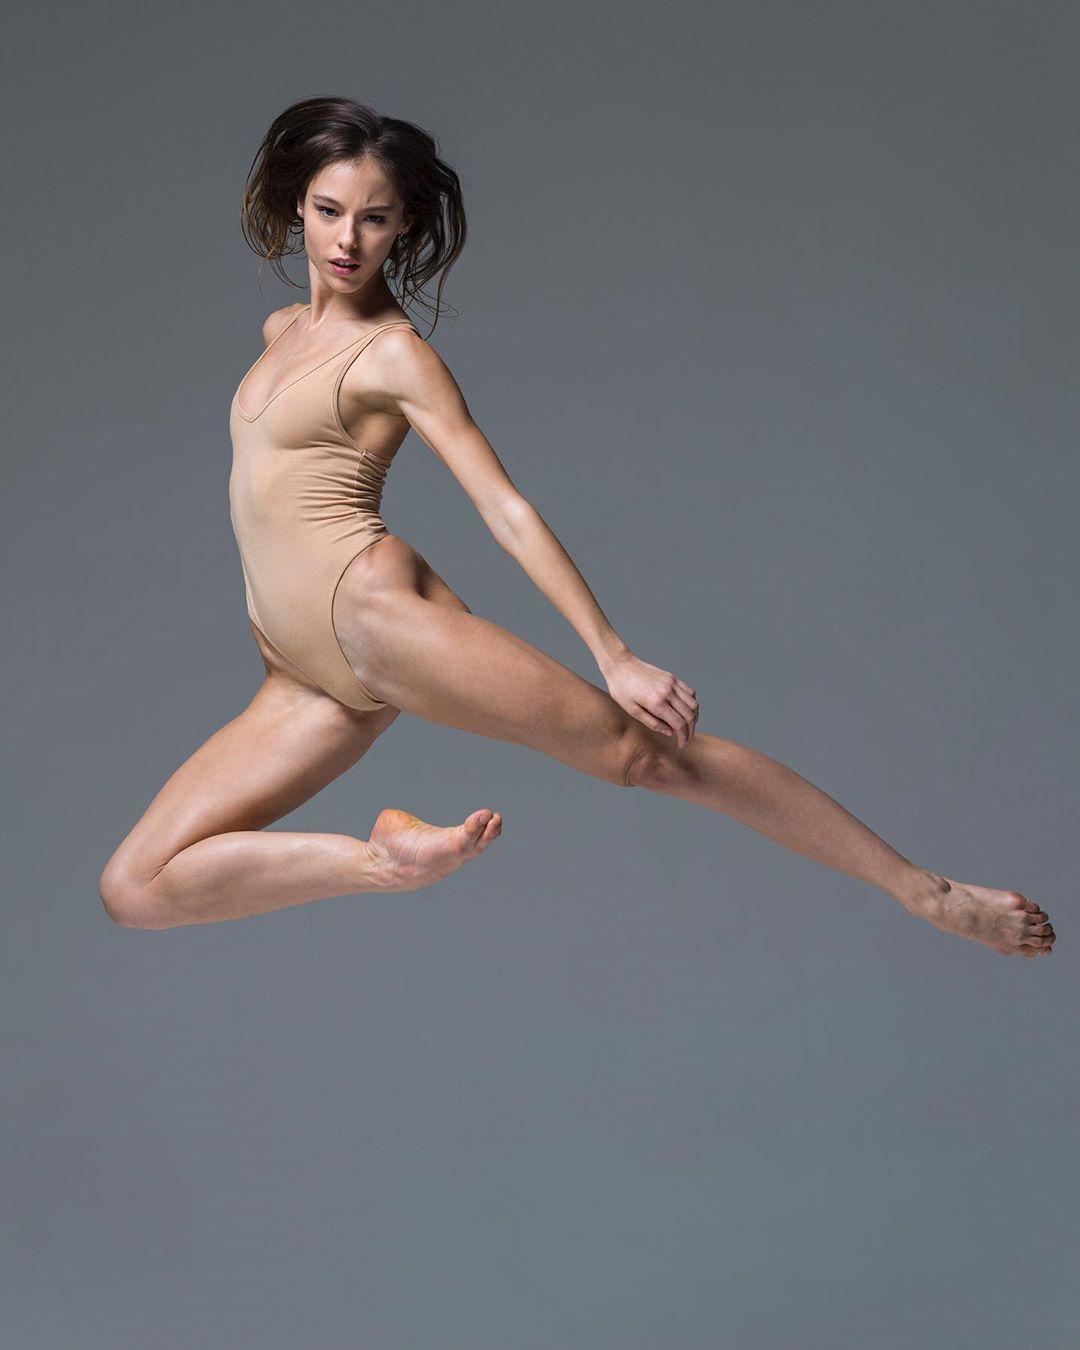 Балетная фотография Хьюза фотографии, более, балетной, модной, основном, портретной, Подписчиков, Instagram, которых, много, фотографы, скажут, Интересно, специализируется, НьюЙорке, Нисиана, Хьюза, балета, артистов, портреты